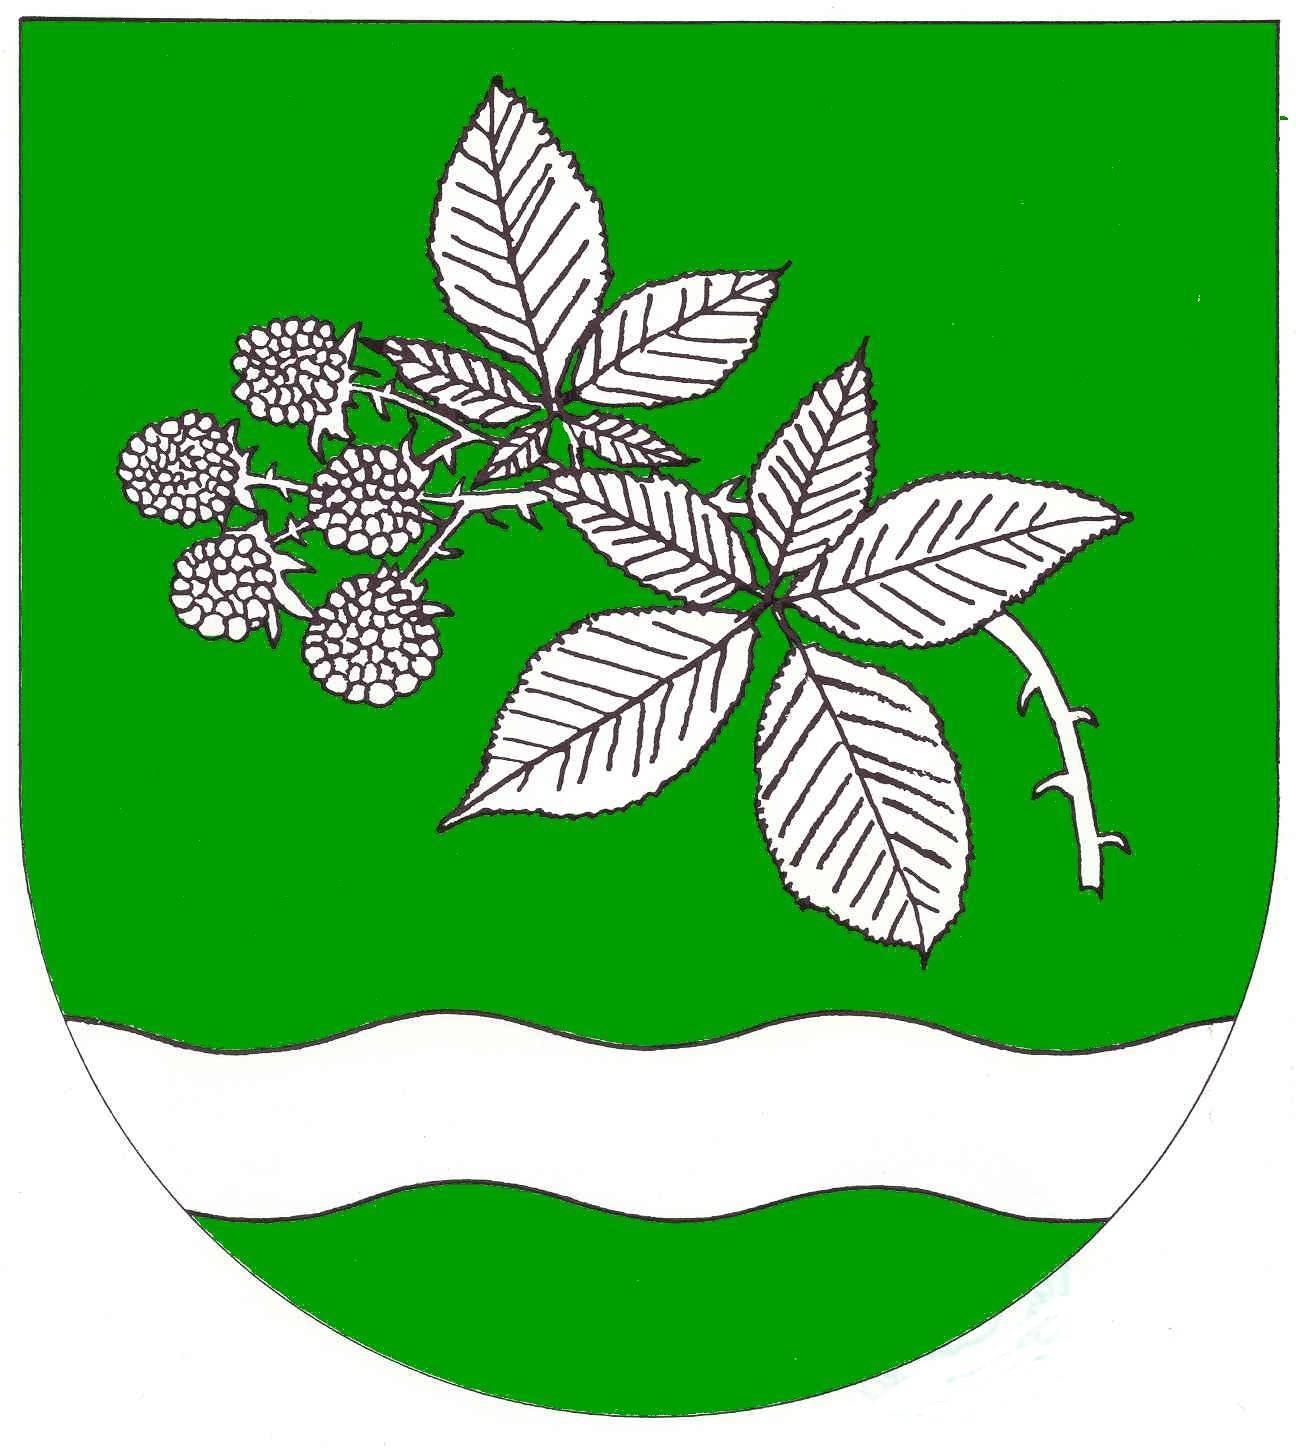 Wappen GemeindeBrammer, Kreis Rendsburg-Eckernförde